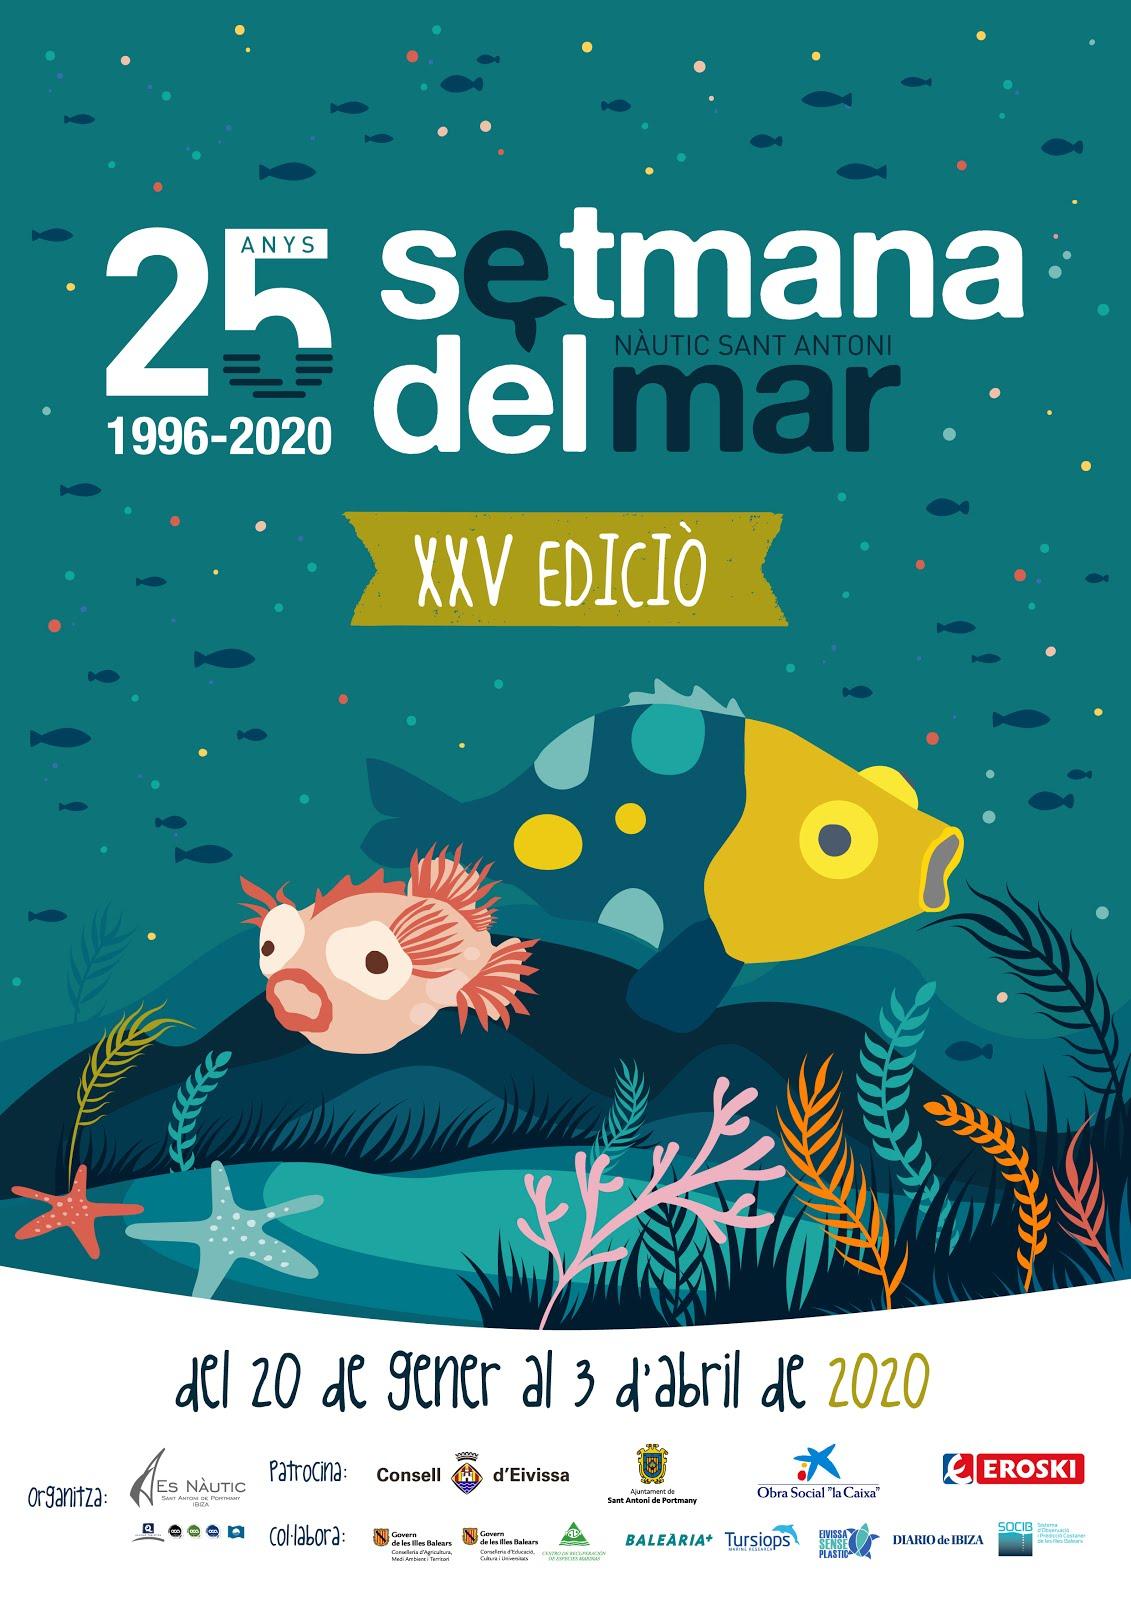 Setmana del Mar 2020